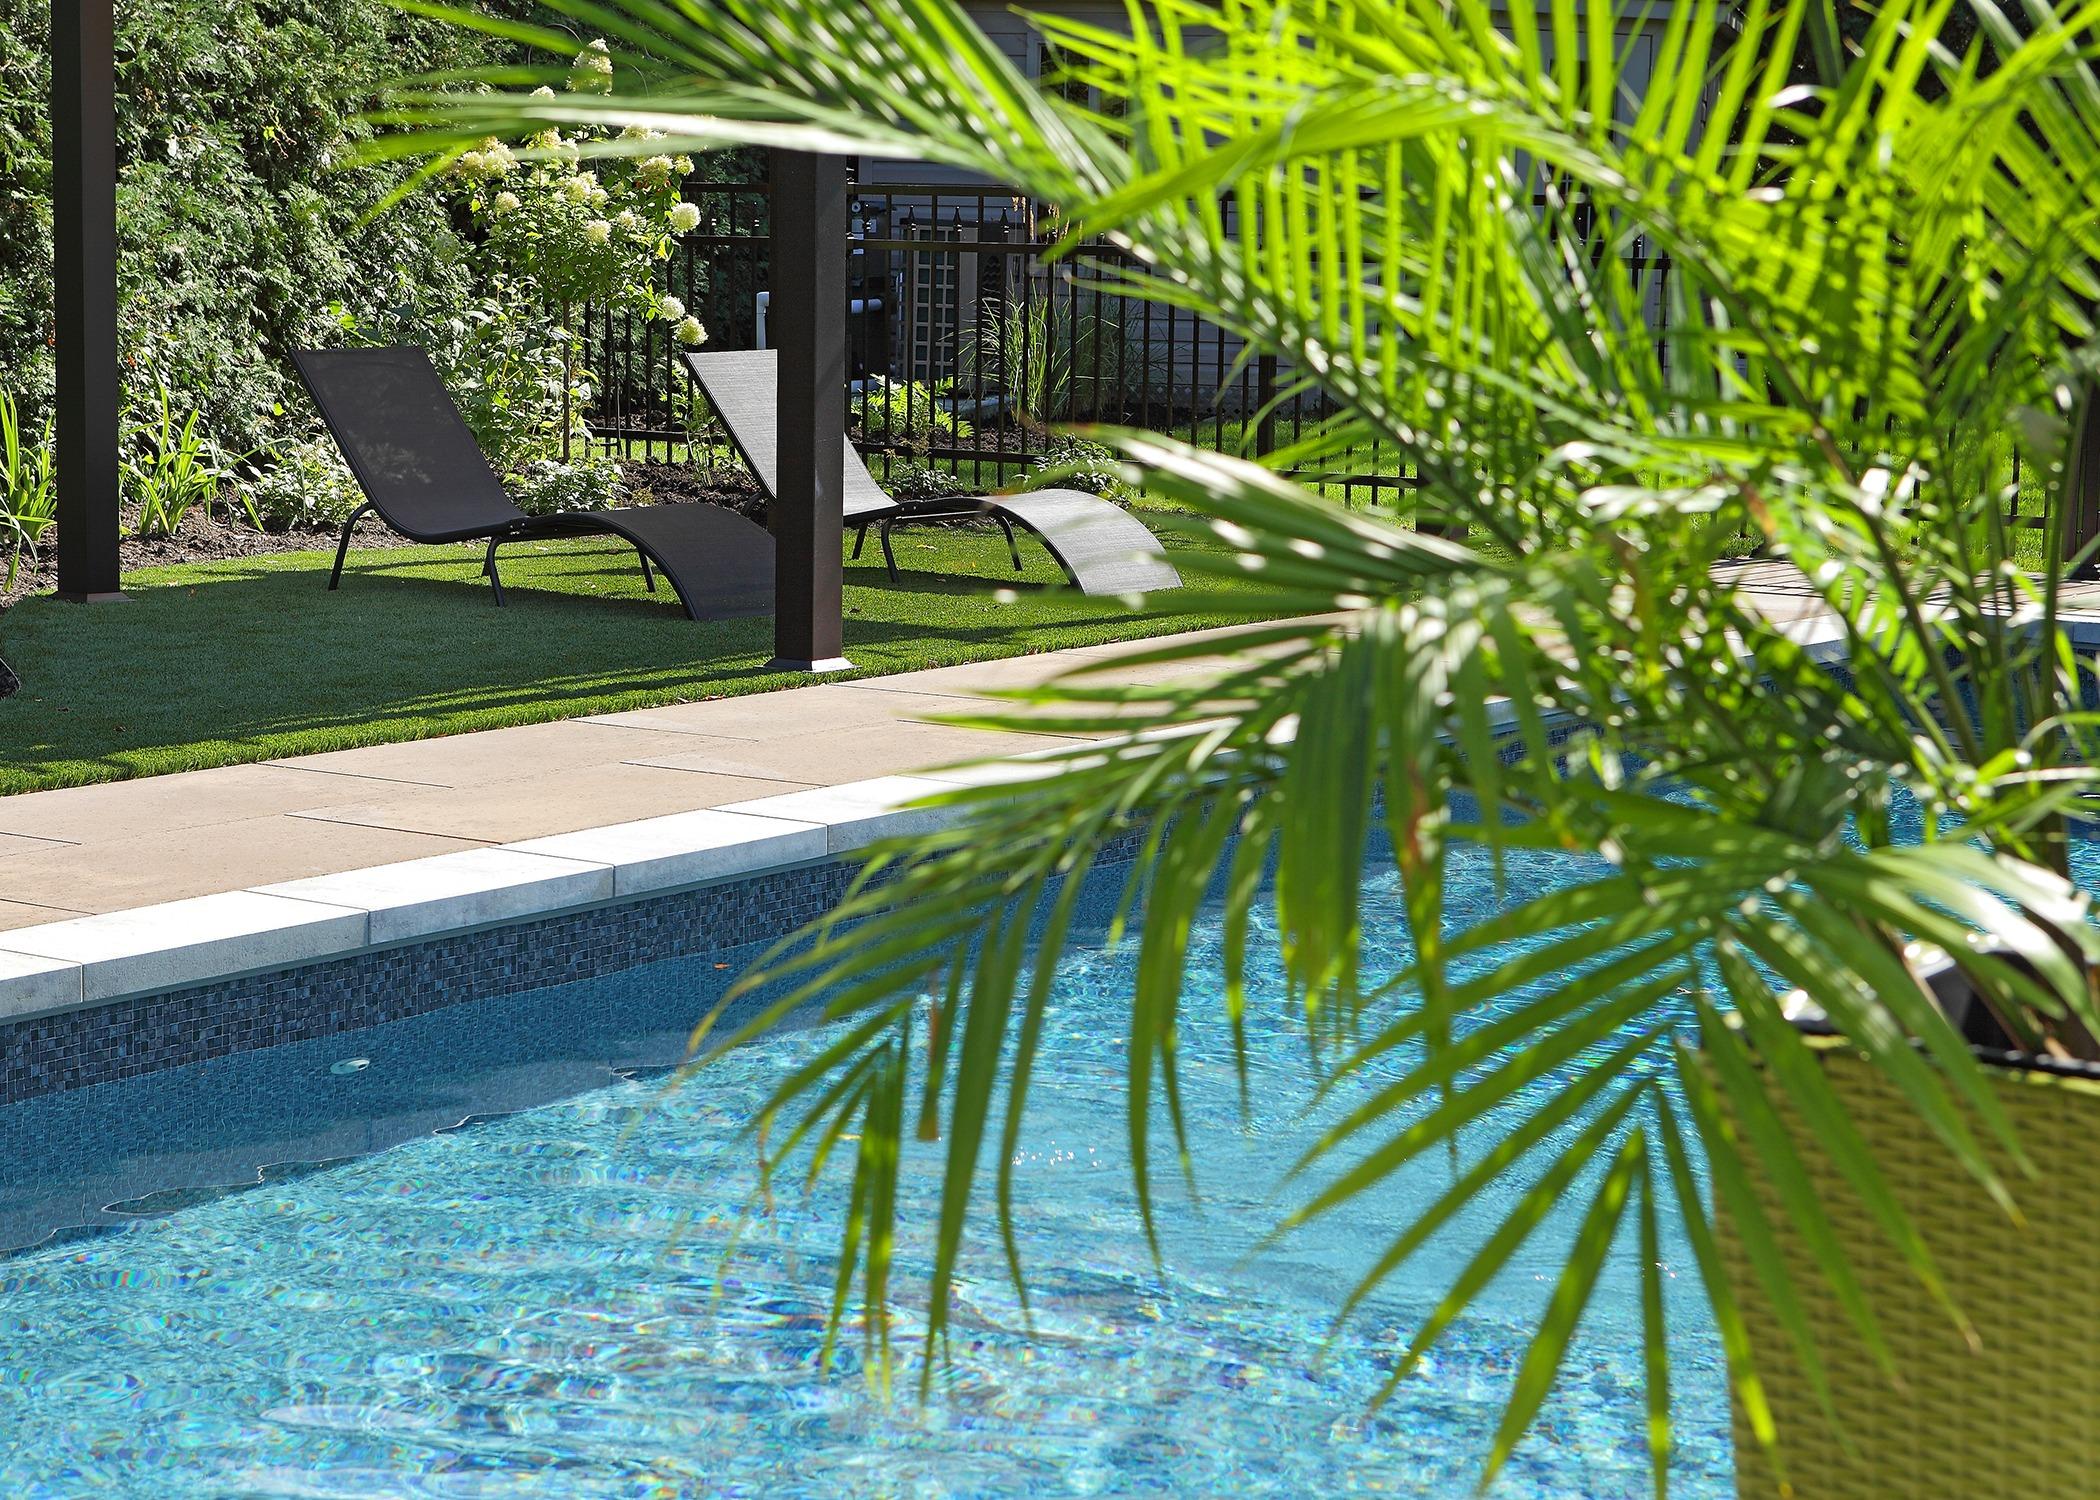 Aménagement paysager avec piscine, chaises longues et plante verte